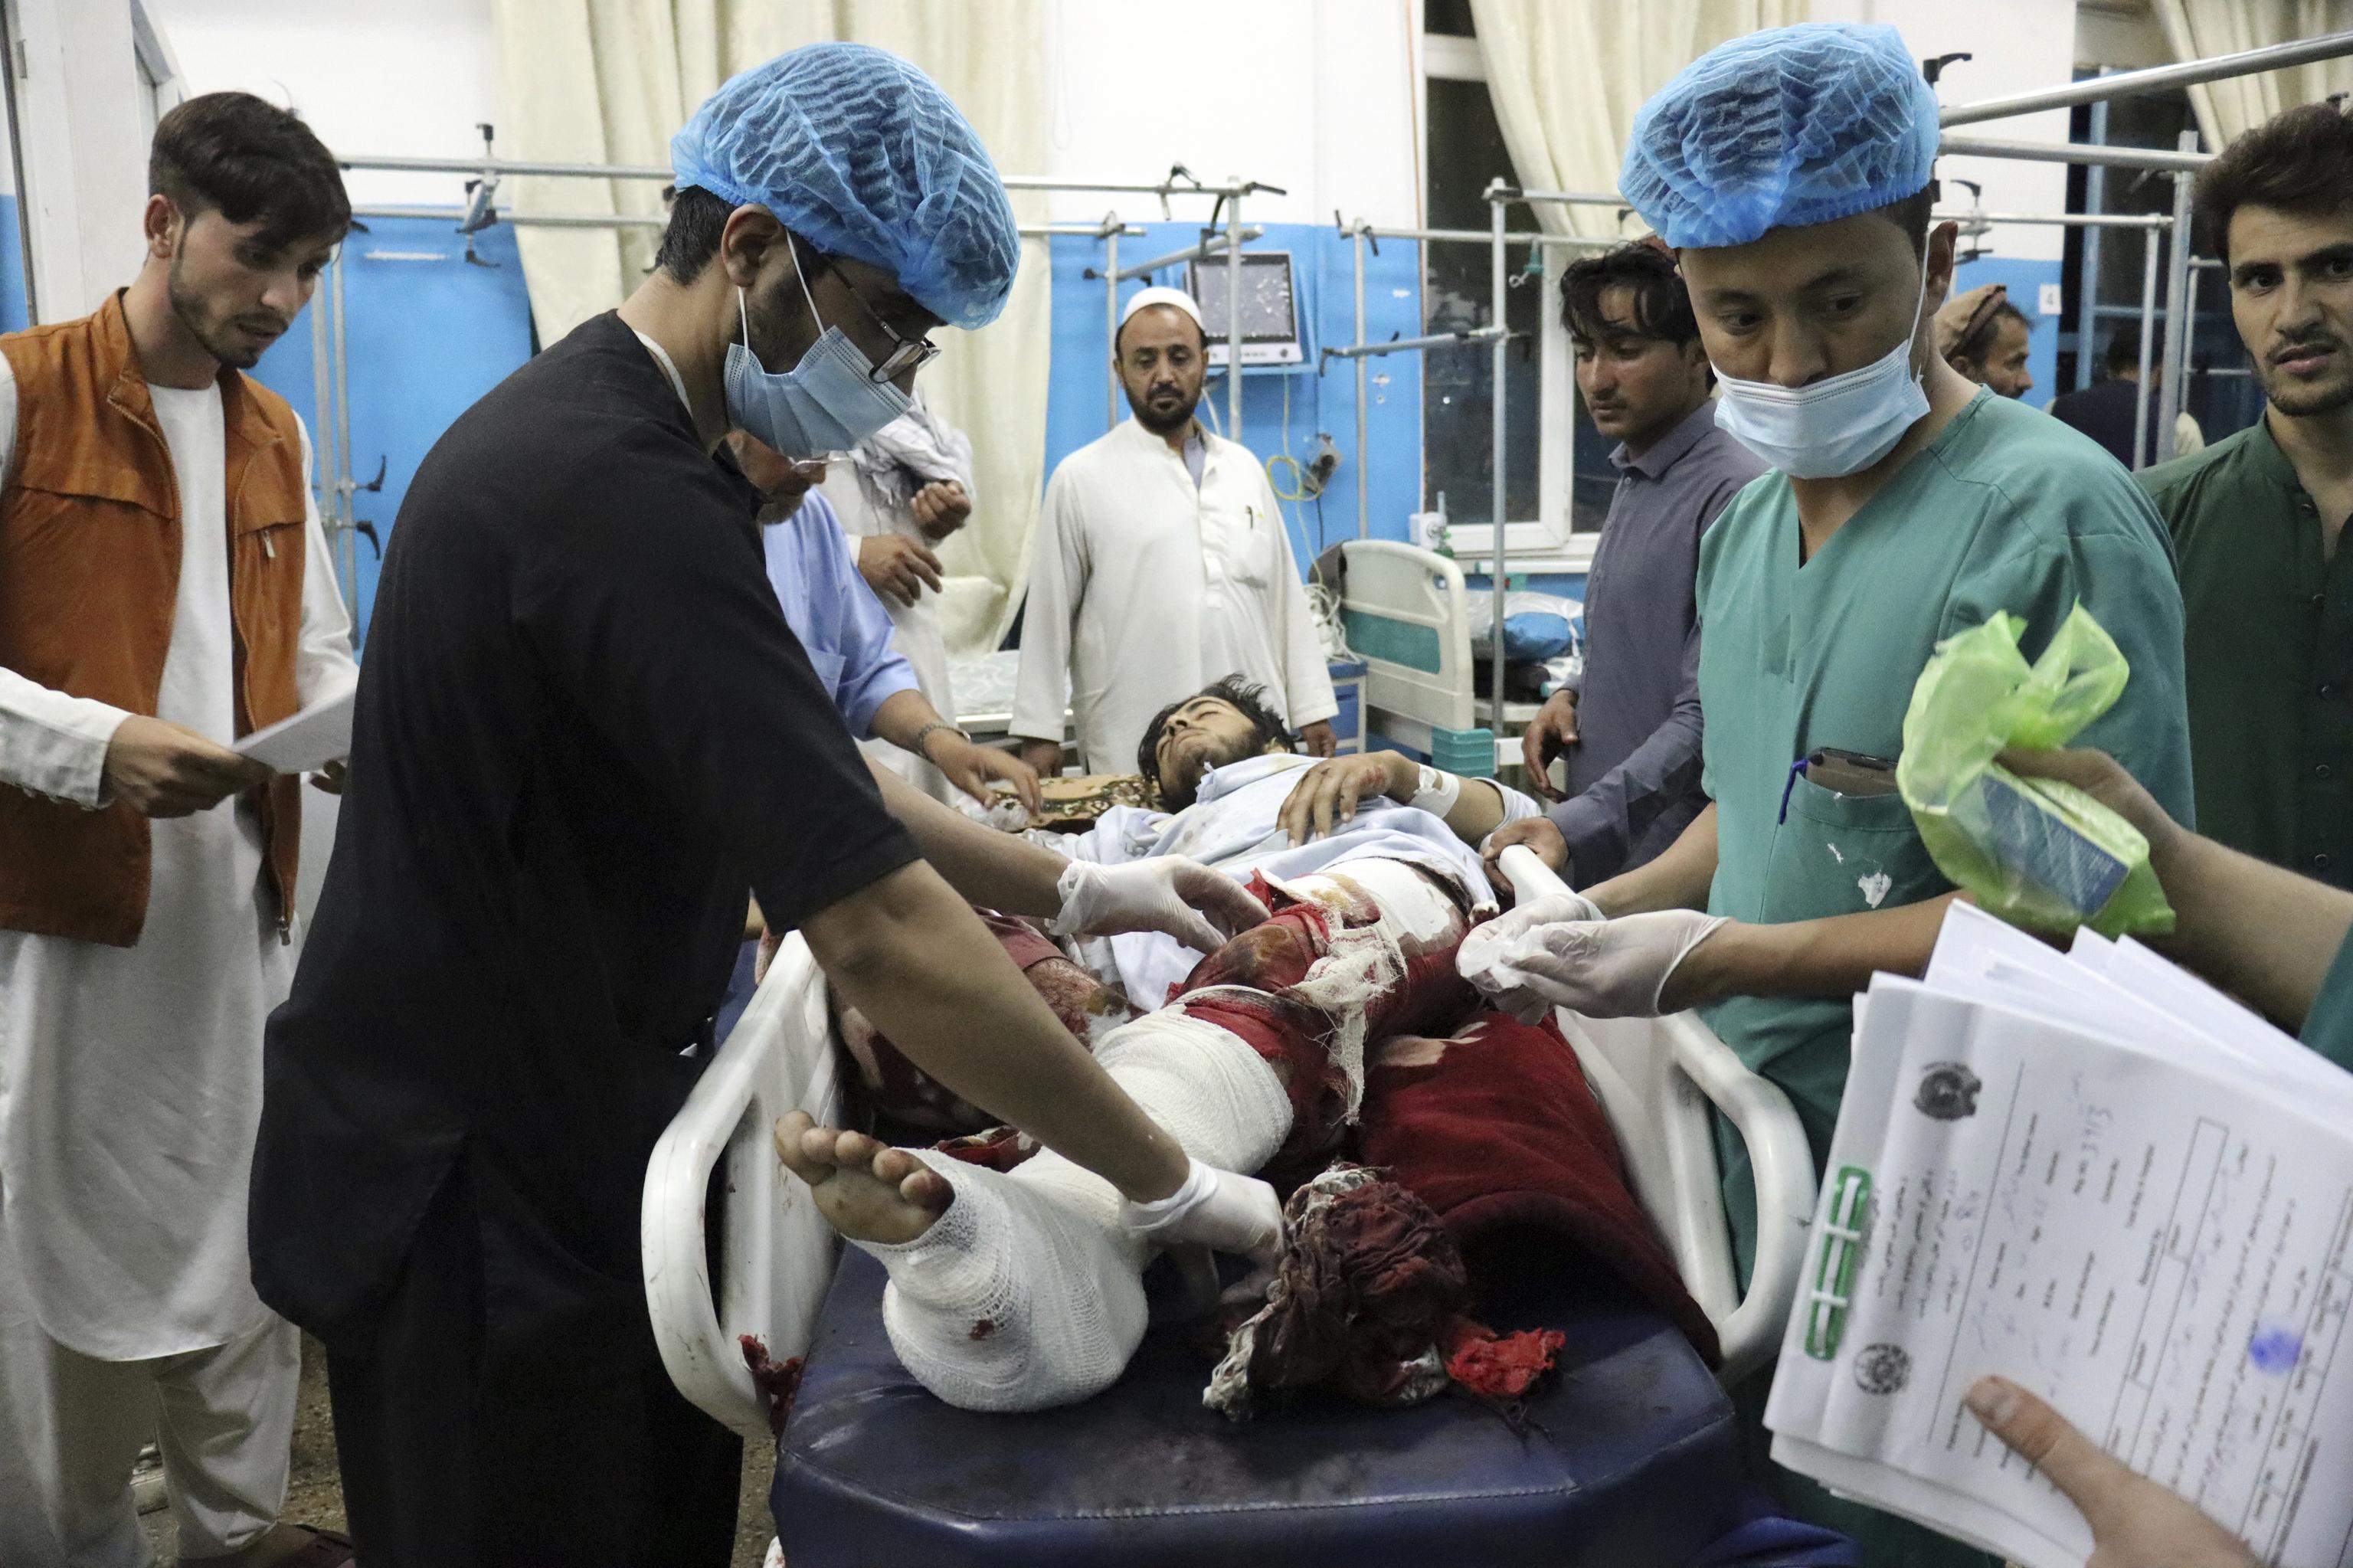 Una víctima del atentado es asistida en un hospital de Kabul.